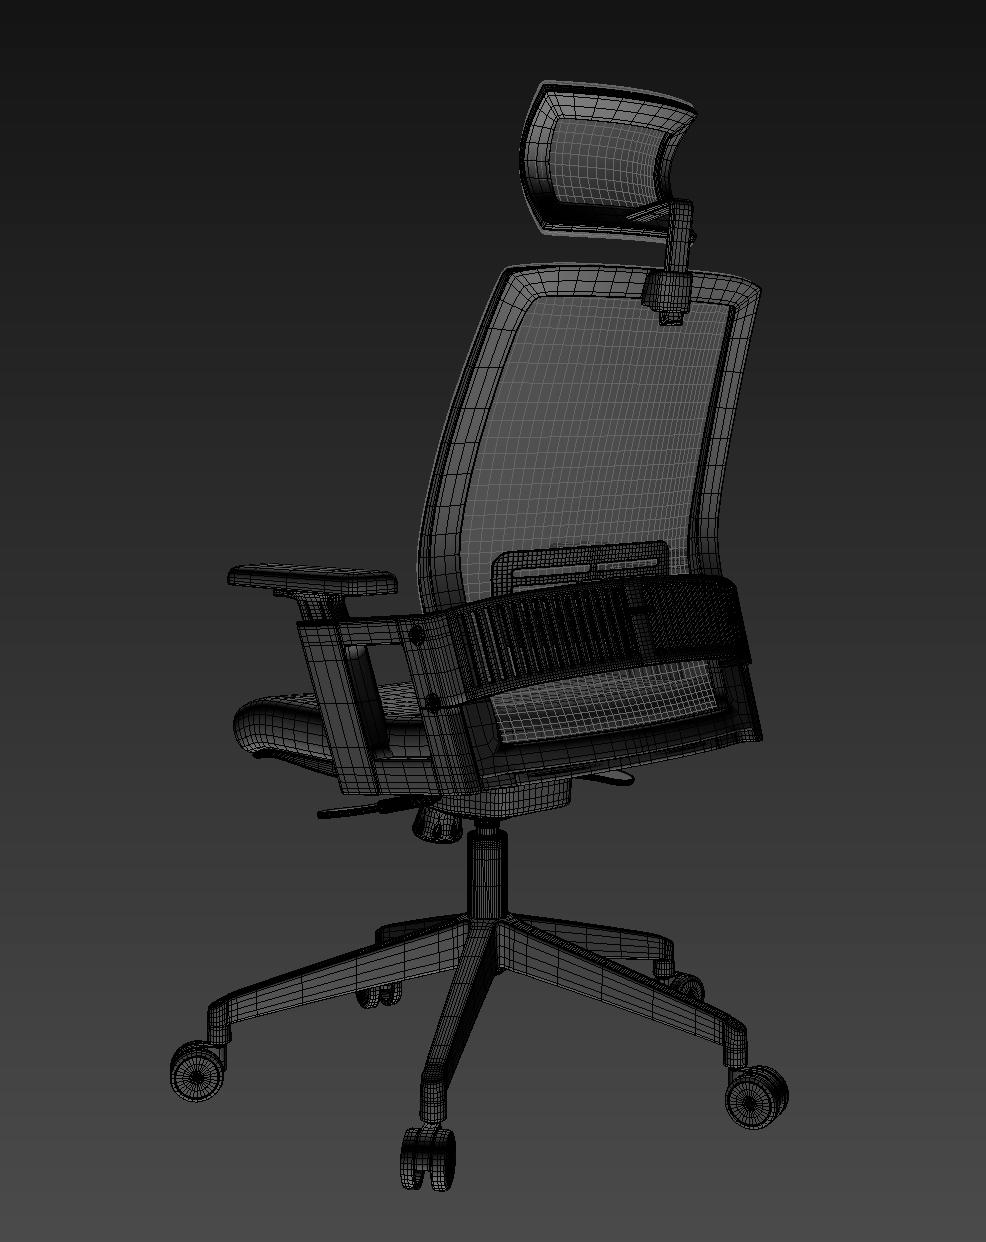 krzeslo_2